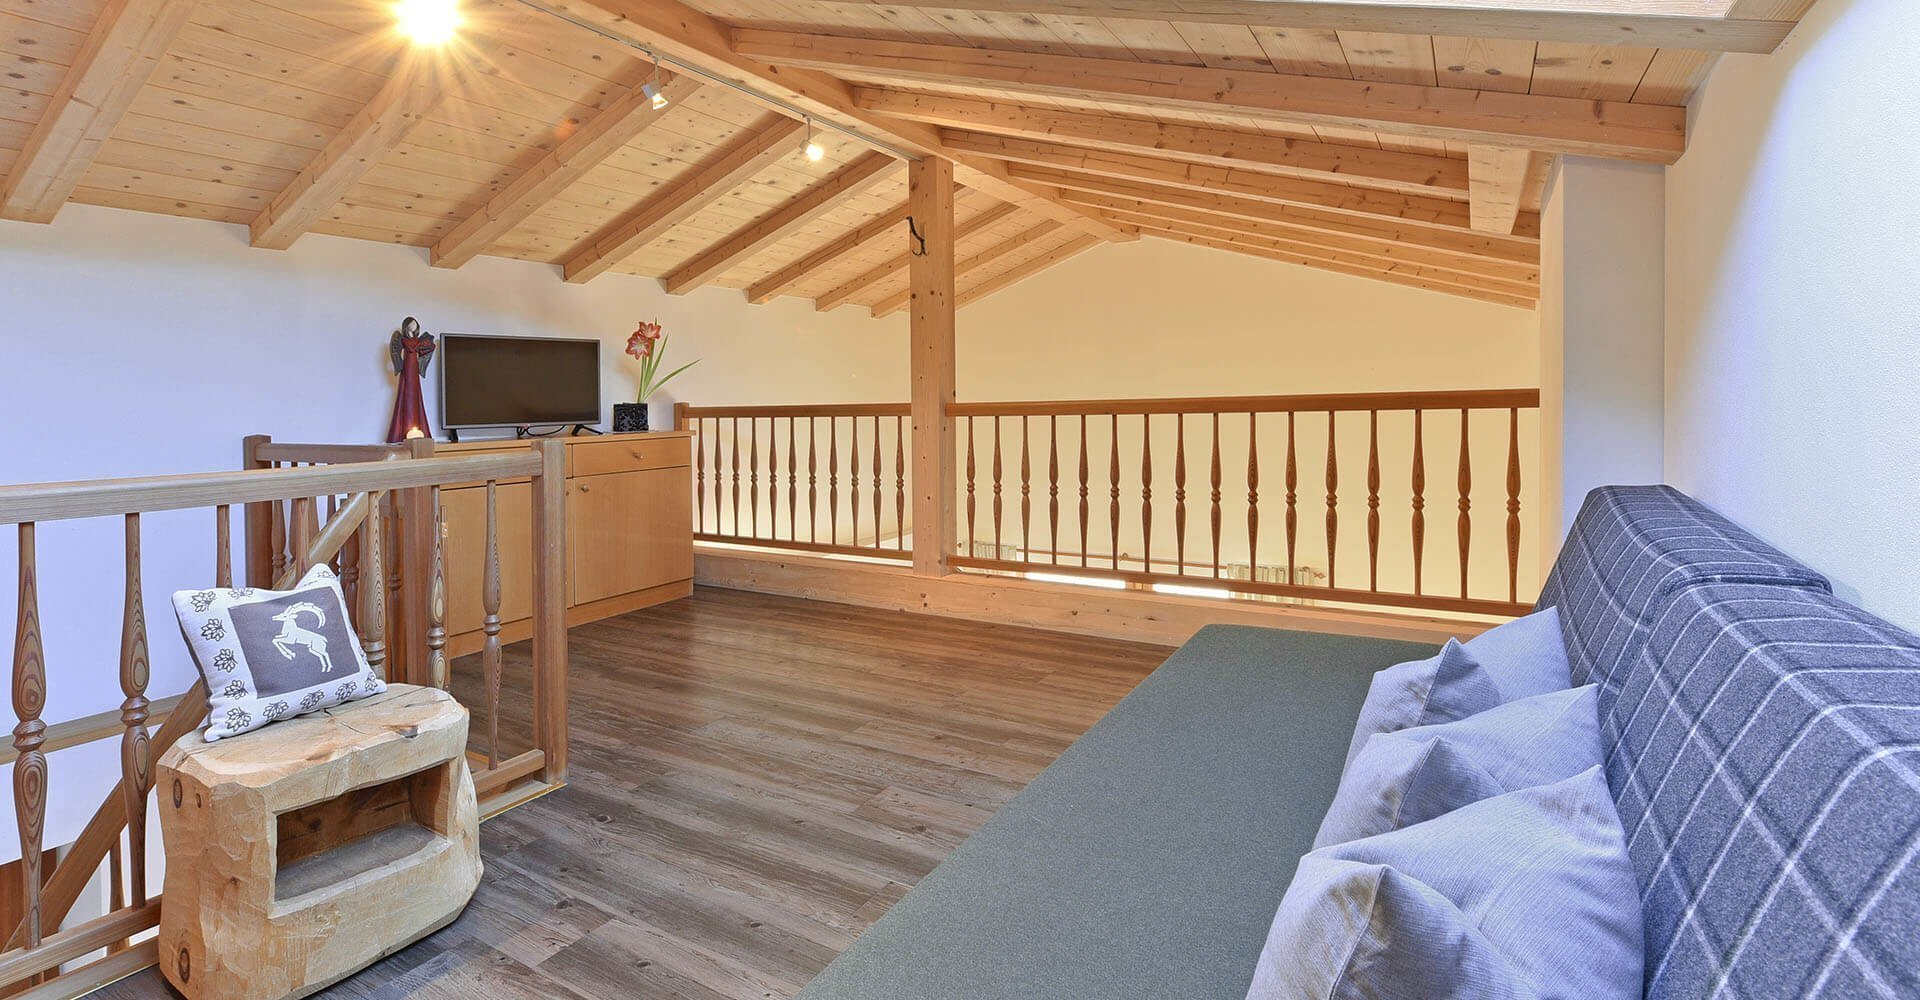 Ferienwohnungen/Appartements bei Kastelruth - Radauerhof Südtirol